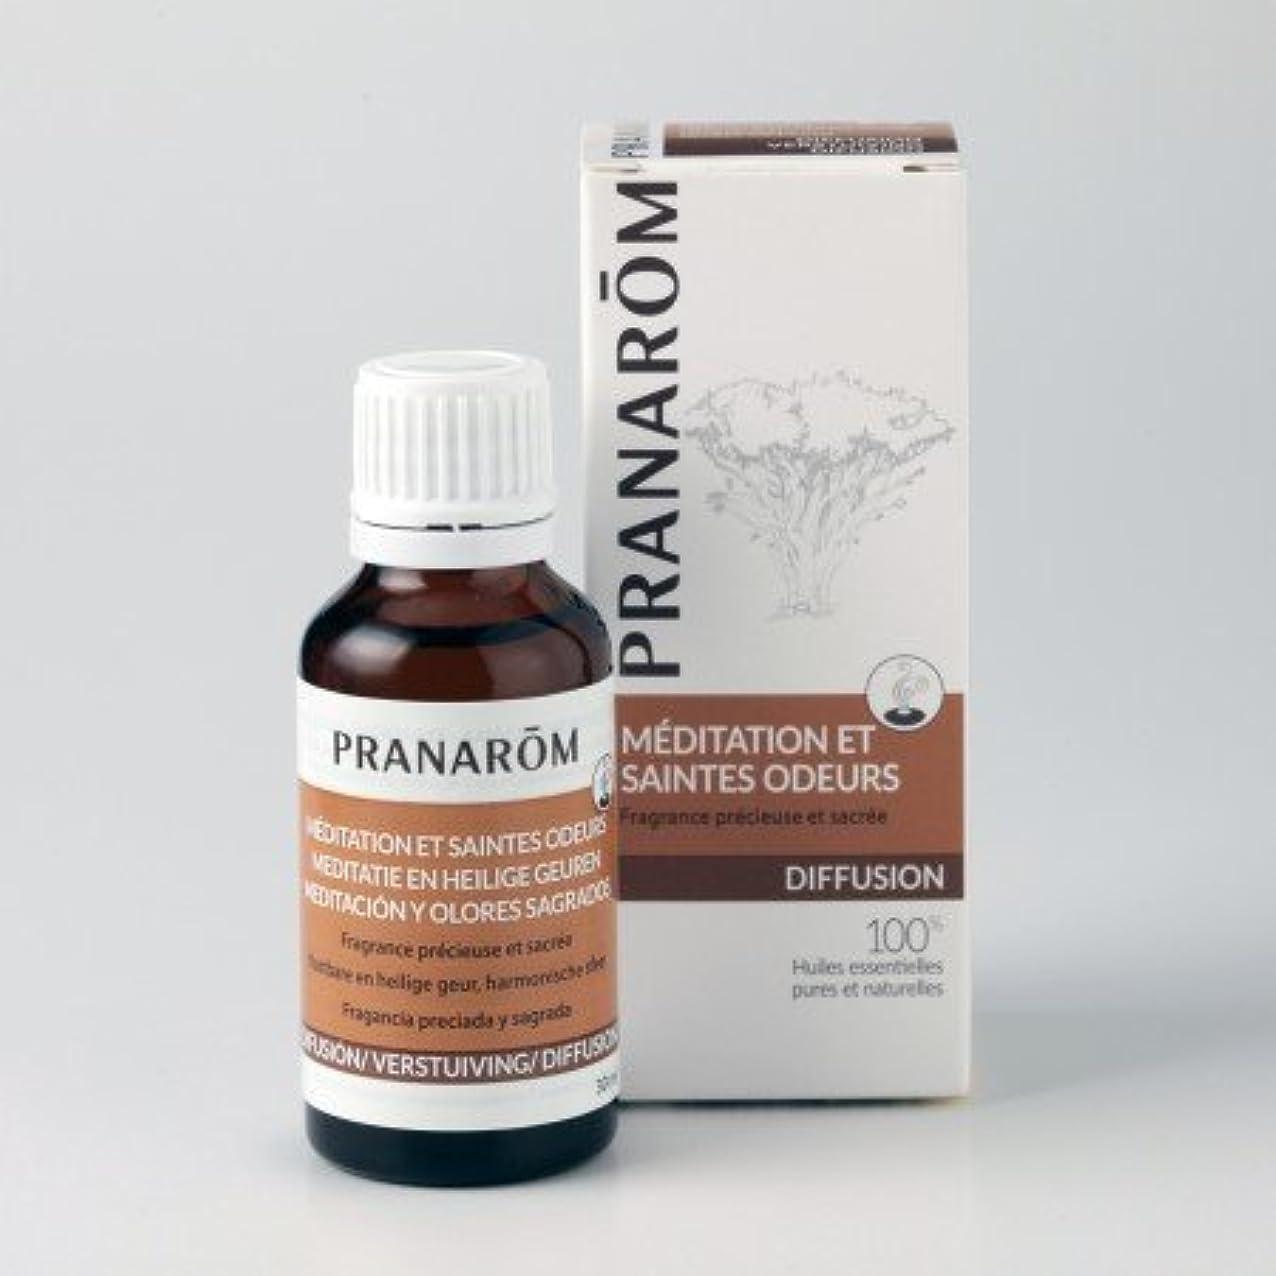 最も早い惑星あさりプラナロム ( PRANAROM ) ルームコロン 瞑想へのいざない メディテーション 30ml 02588 エアフレッシュナー ( 芳香剤 )